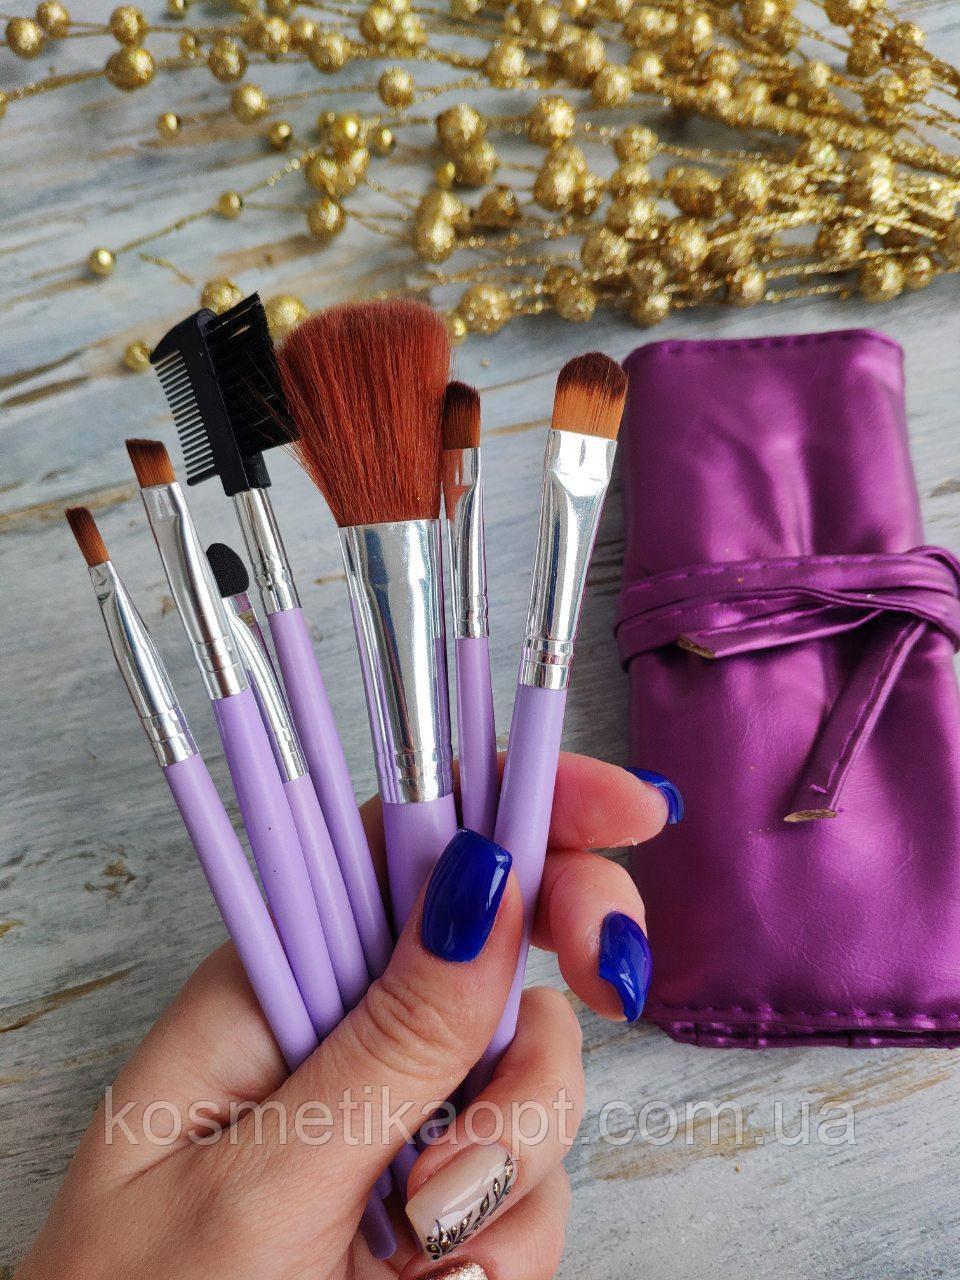 Кисти для макияжа 7 штук в чехле ( СИРЕНЕВЫЕ)